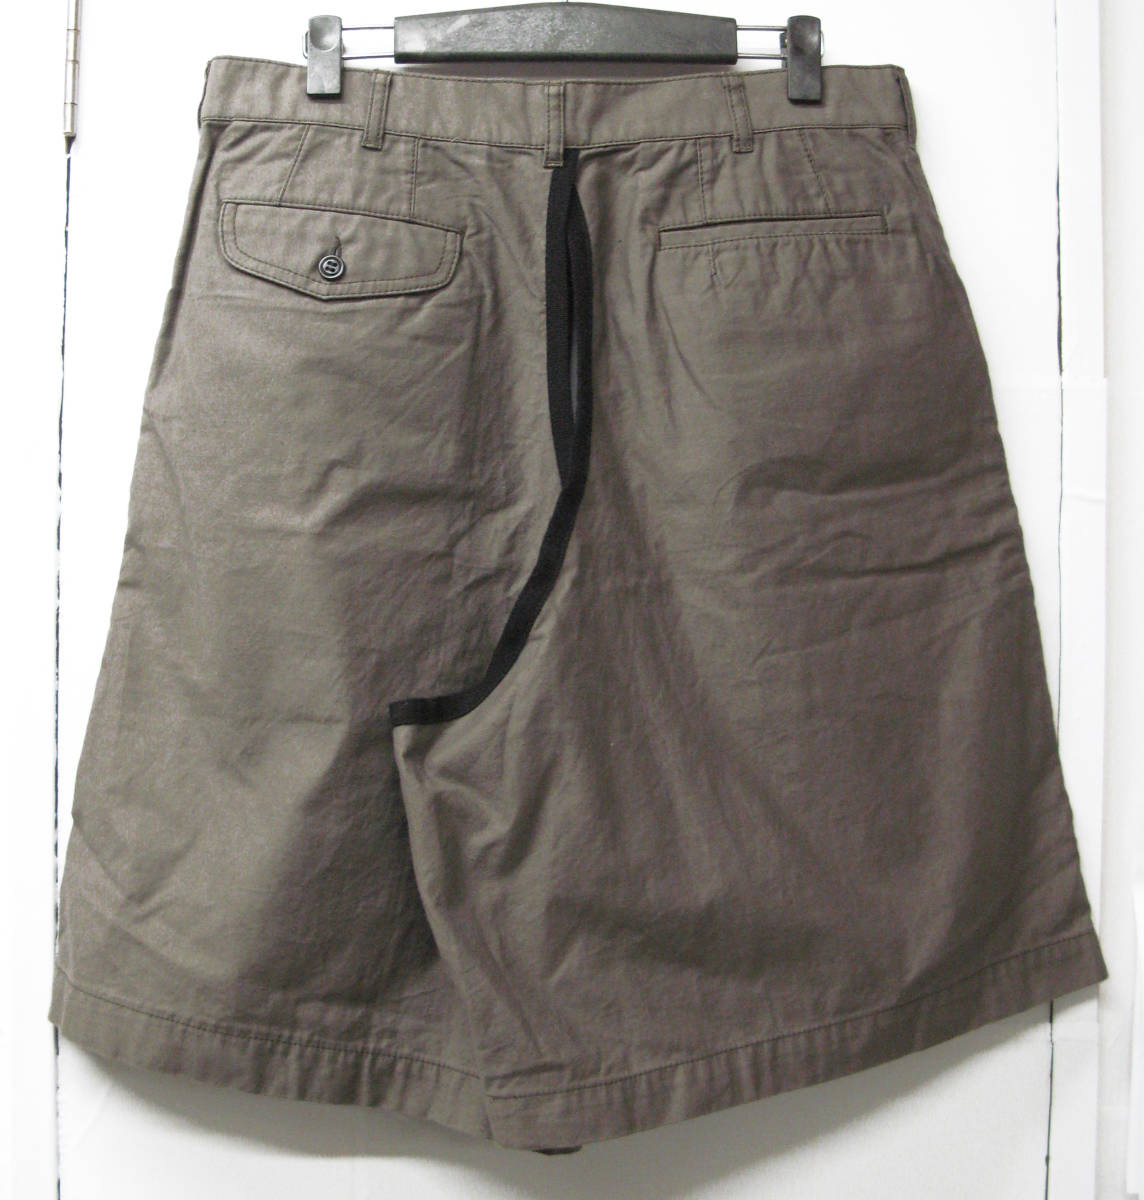 ギャルソン プリュス:カバー パンツ ( コムデギャルソン ハカマ 袴 カバーパンツ COMME des GARCONS HOMME PLUS cover pants_画像2